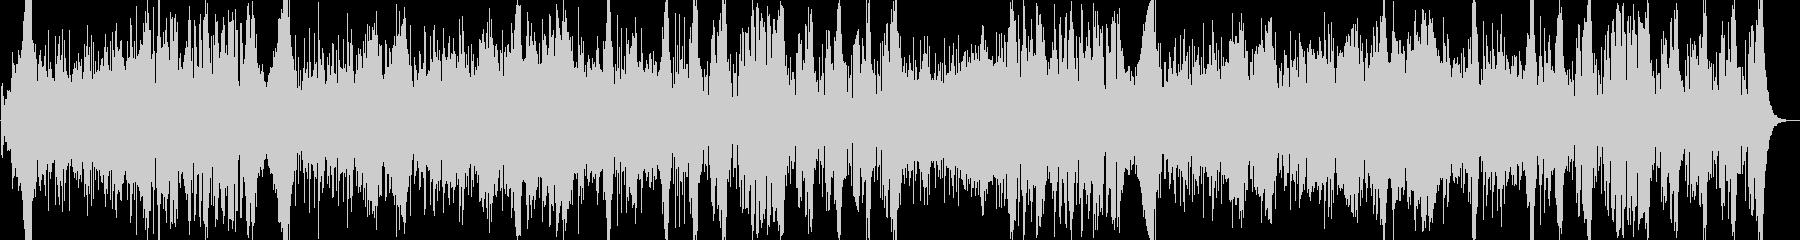 オーケストラバトル曲の未再生の波形